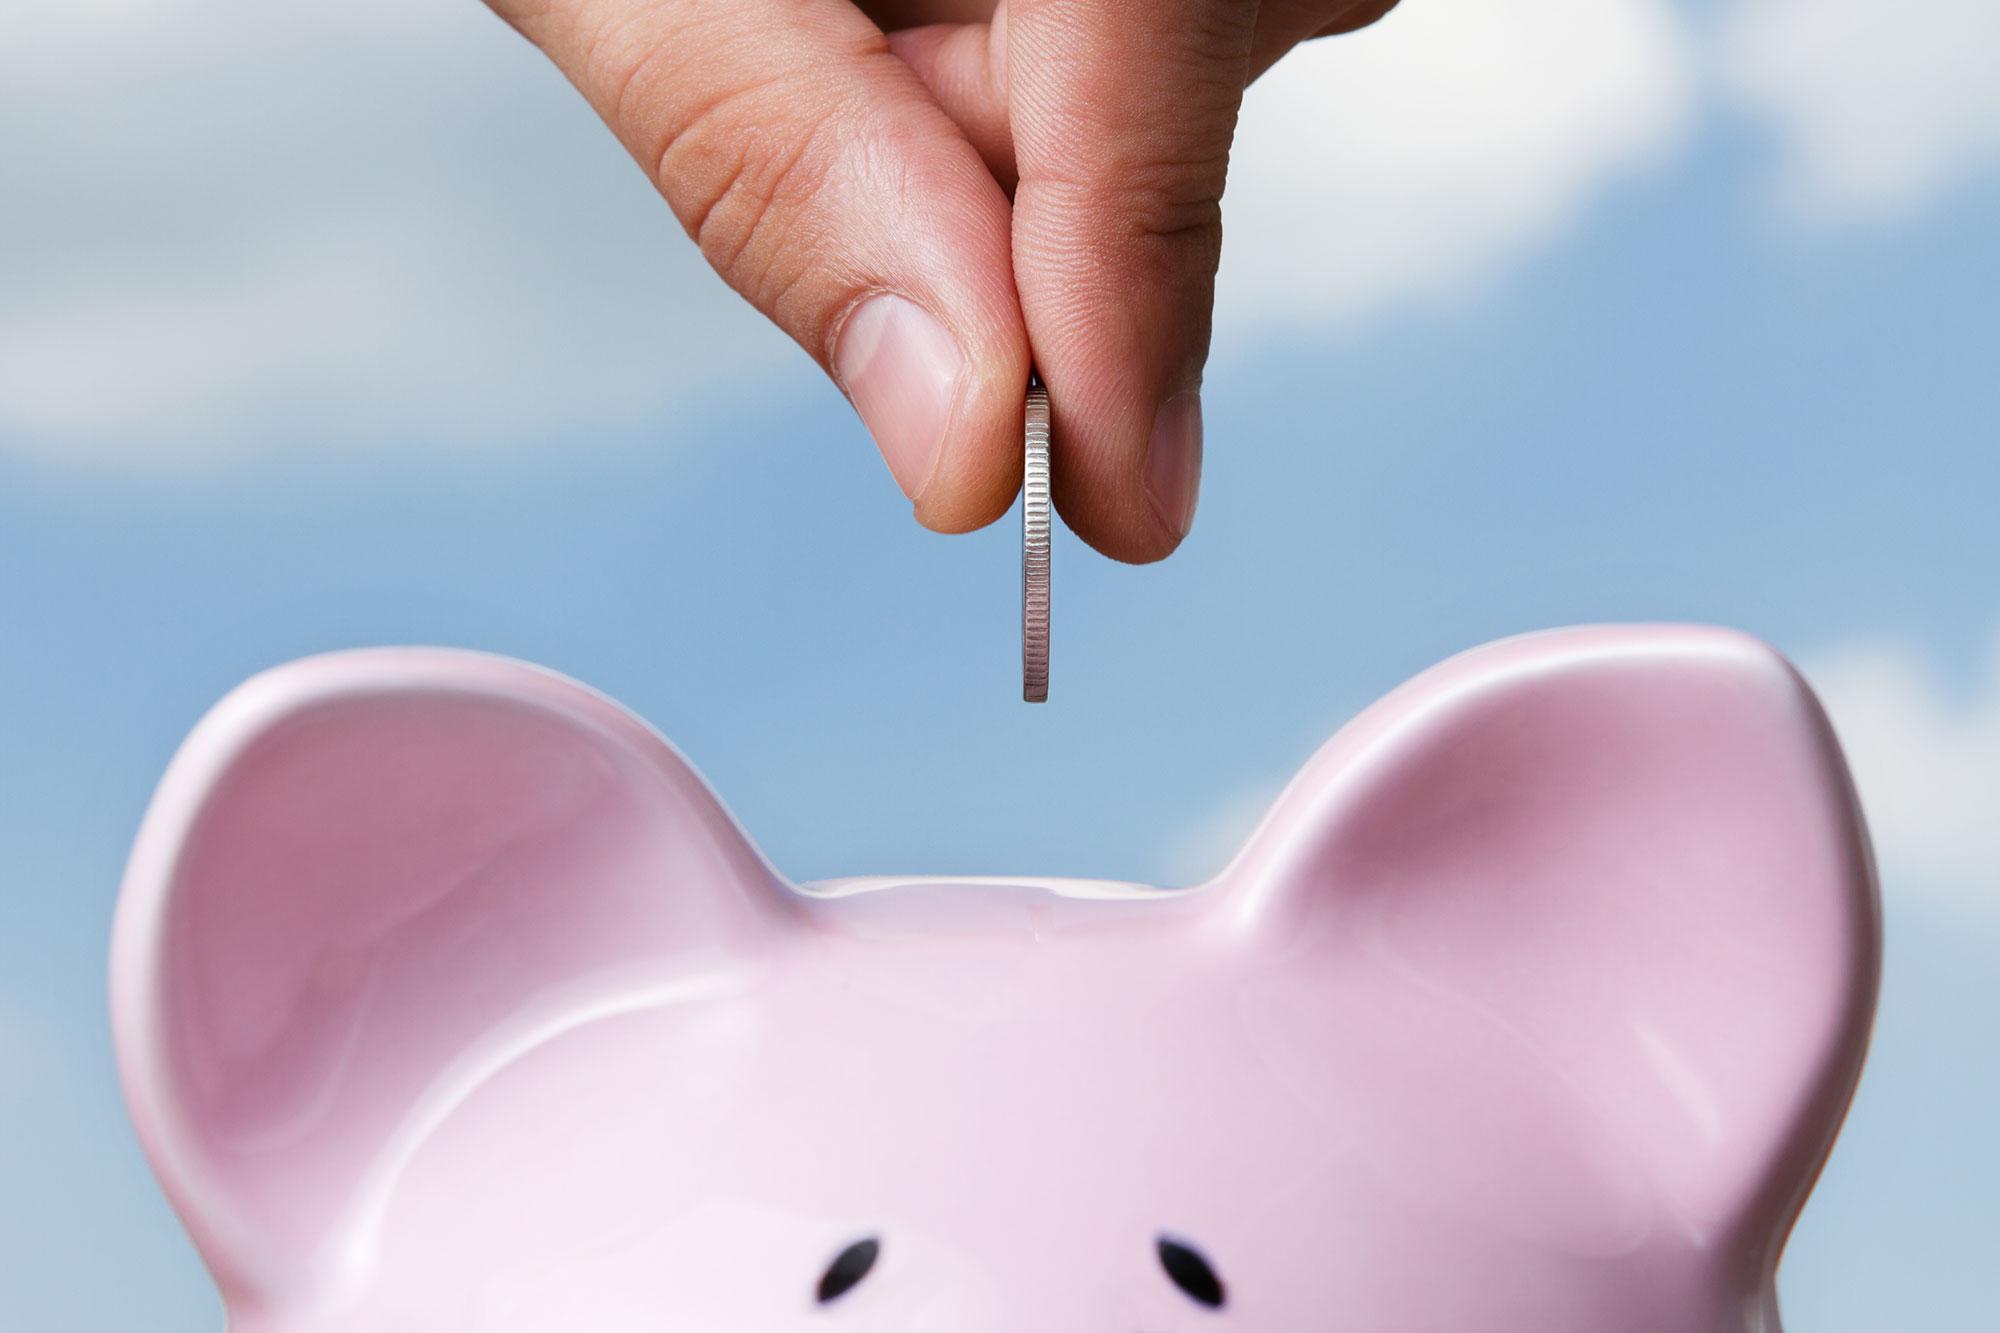 Un budget structuré, flexible et tourné vers l'essentiel